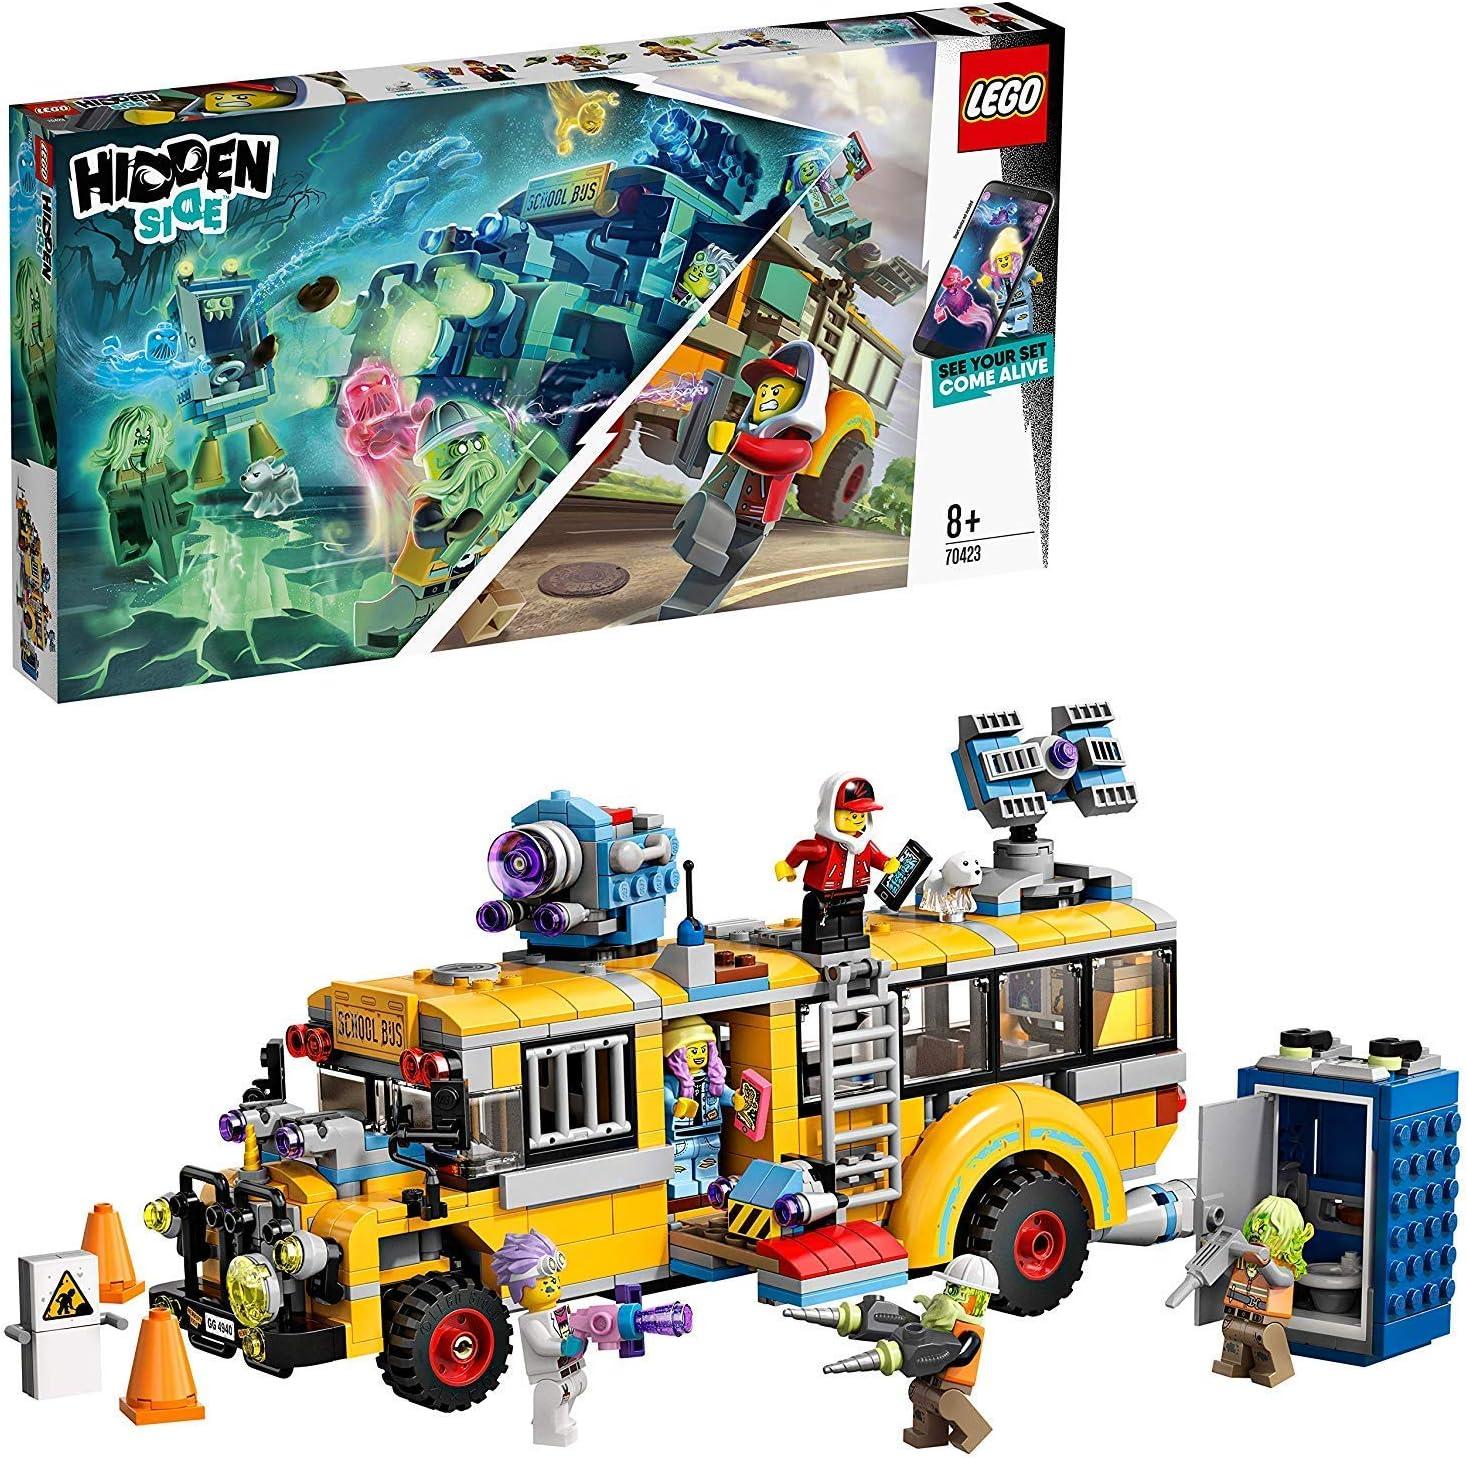 466 Pi/èces La f/ête foraine hant/ée LEGO/® Hidden Side 70432 Jeu en R/éalit/é Augment/ée 8 Ans Et Plus